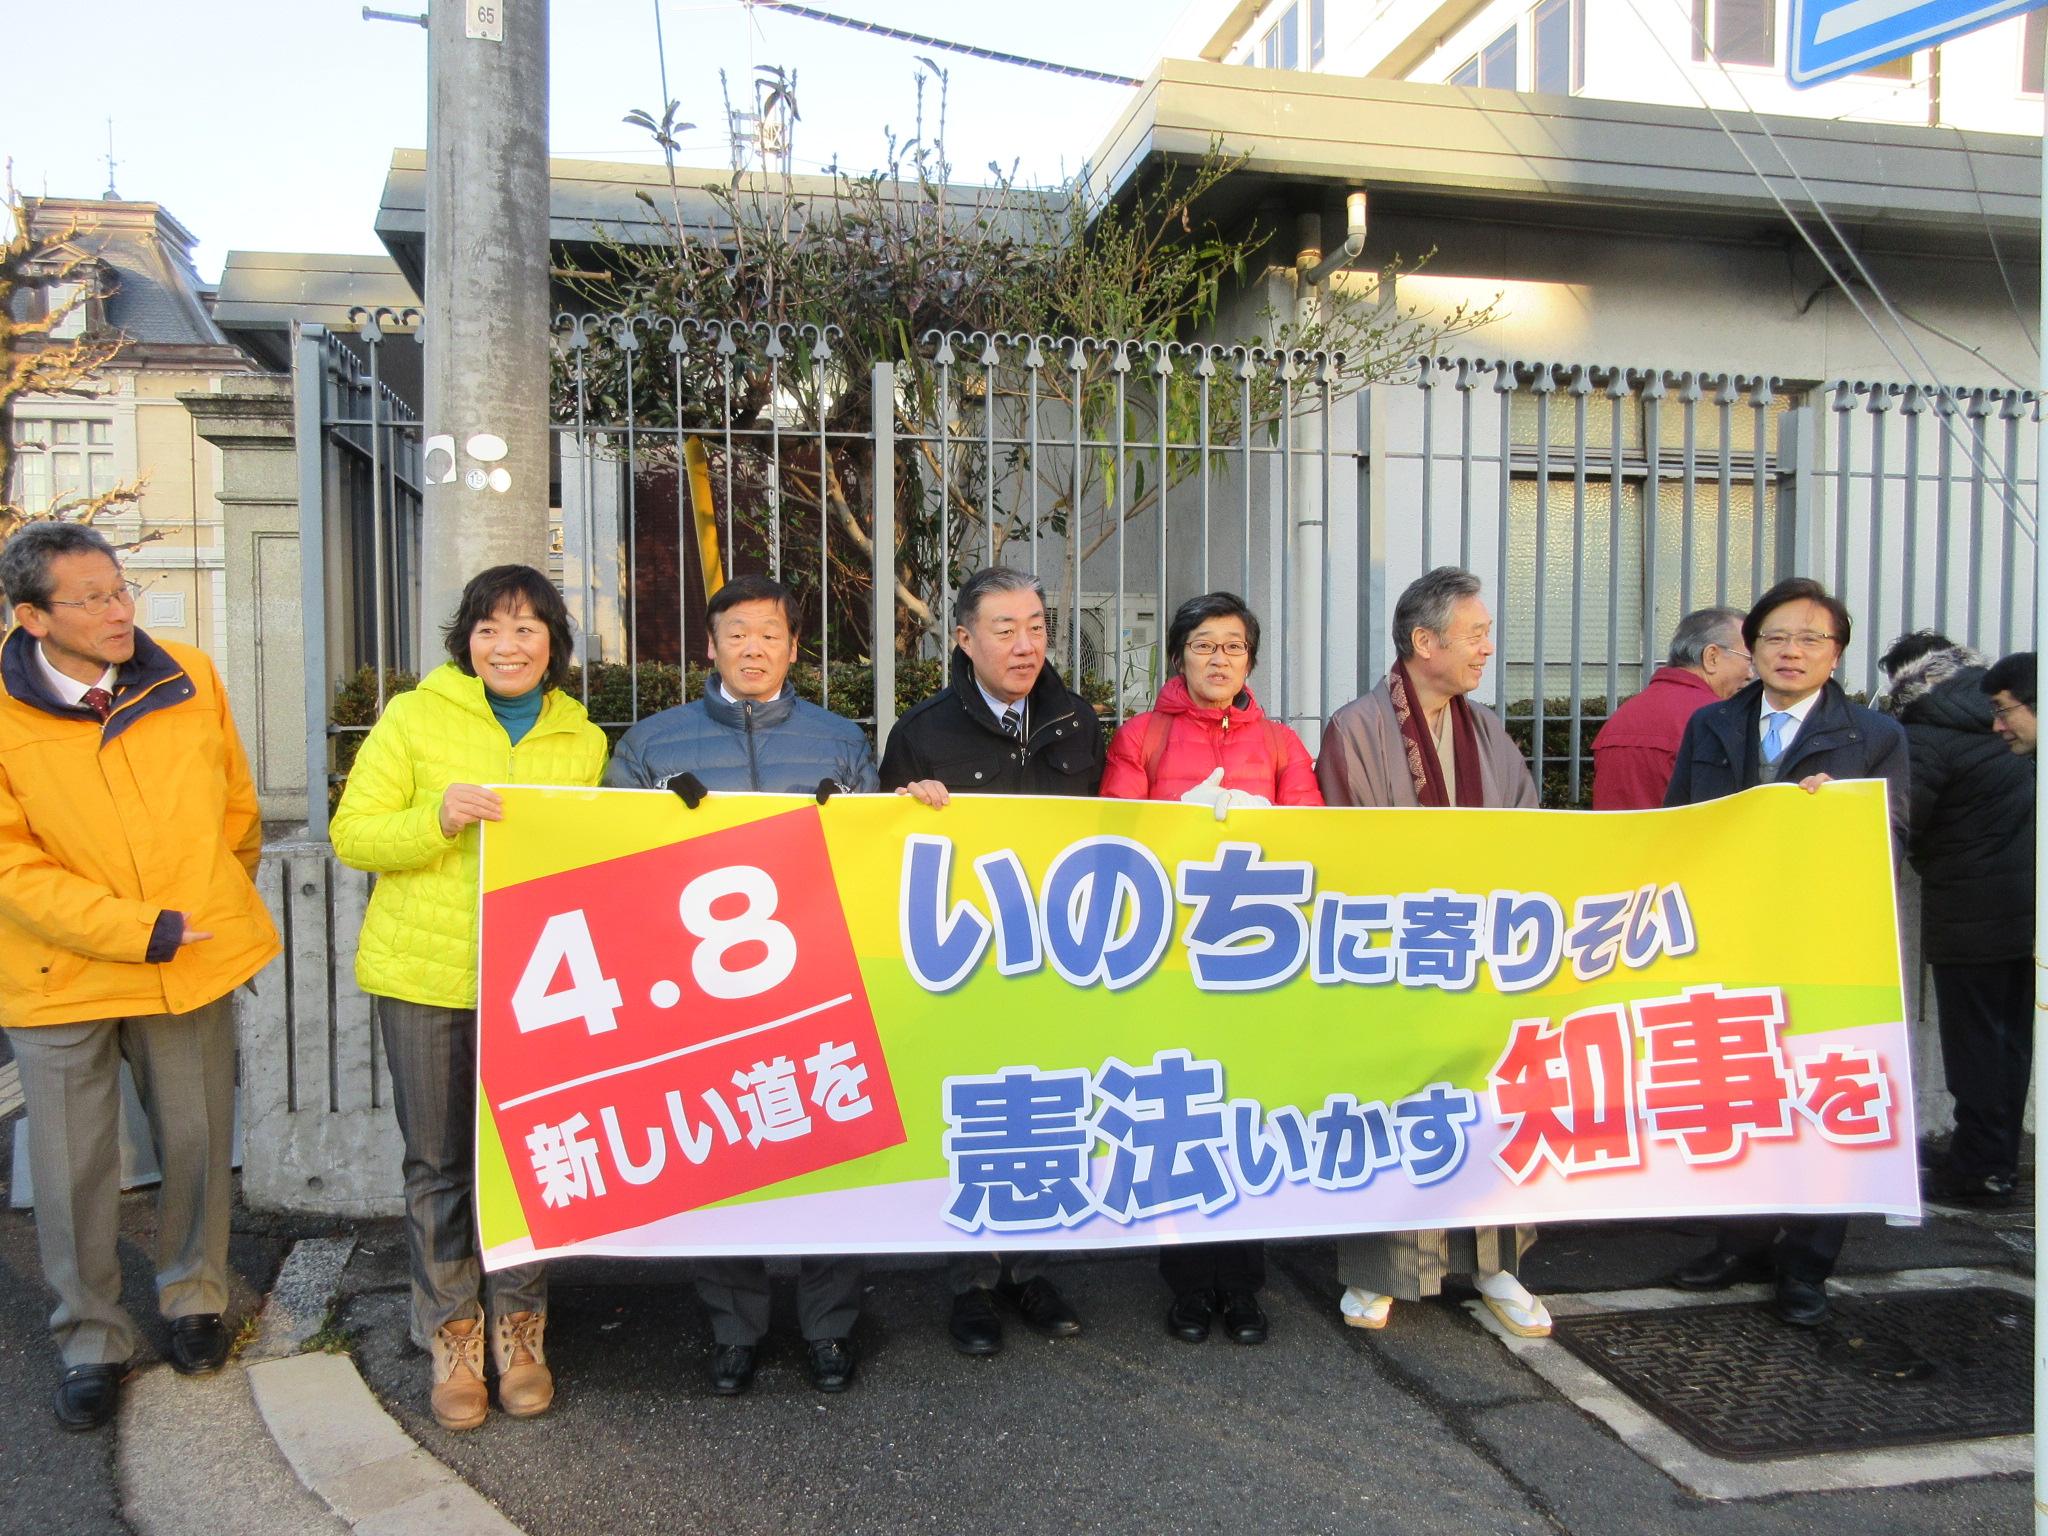 http://www.inoue-satoshi.com/diary/IMG_3118.JPG